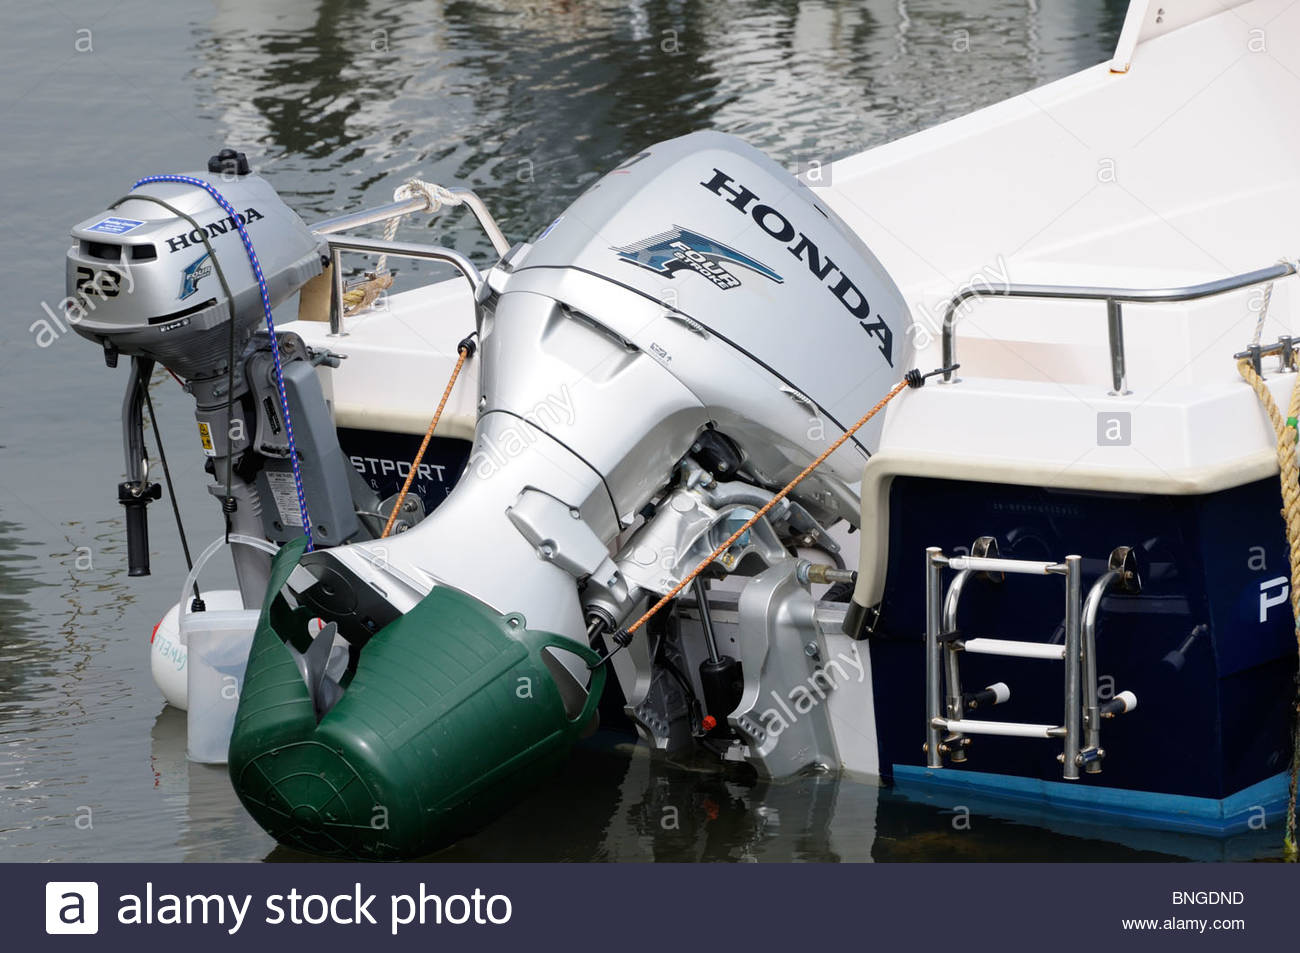 Honda Outboard Motor, England